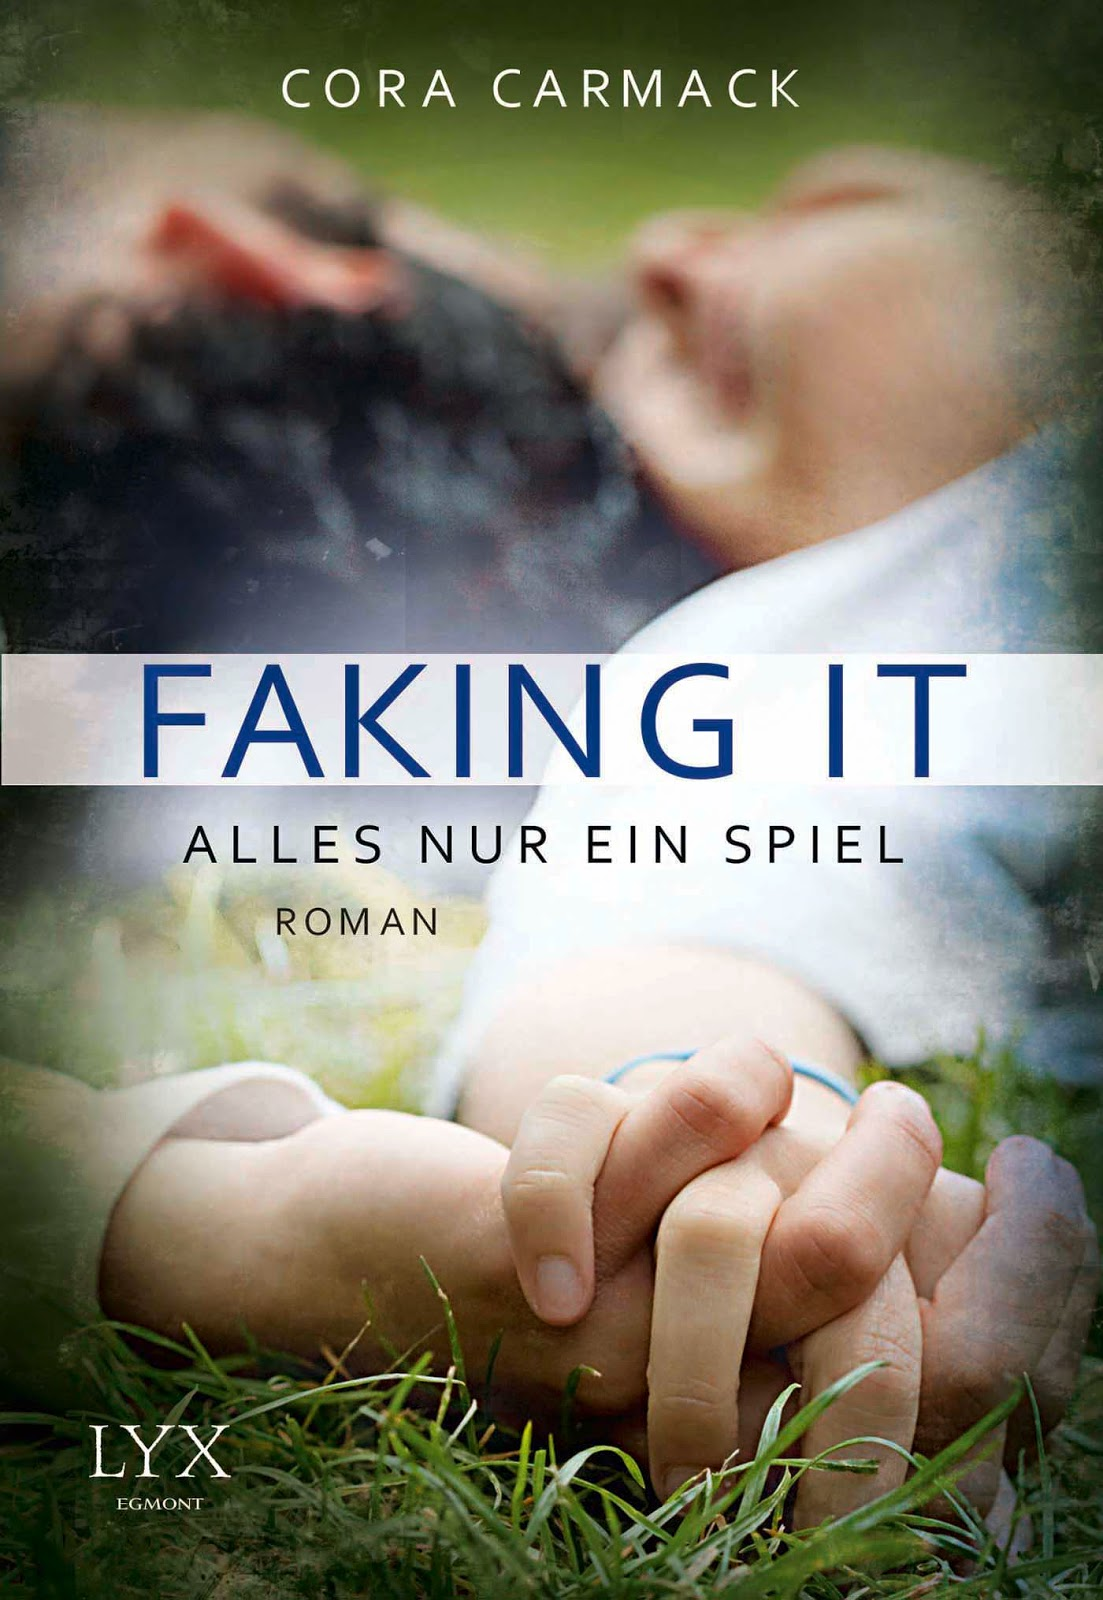 http://www.egmont-lyx.de/buch/faking-it-alles-nur-ein-spiel/